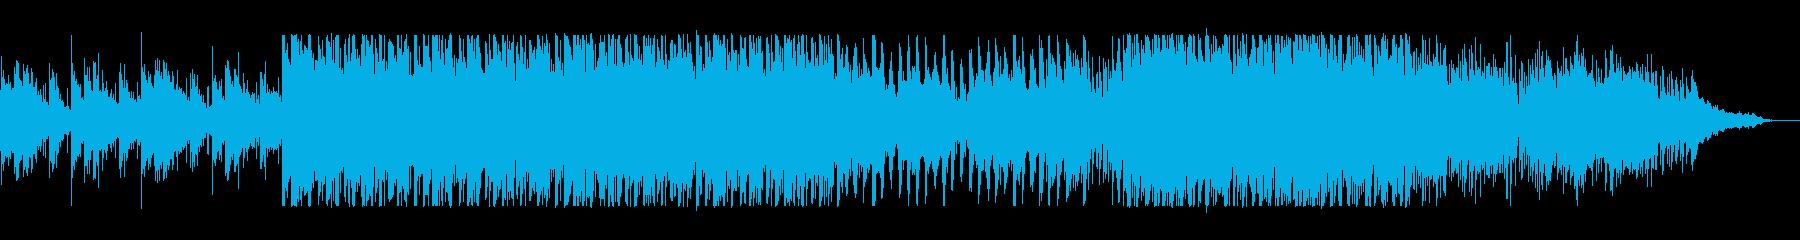 爽やかで透明感のあるトロピカルサウンドの再生済みの波形